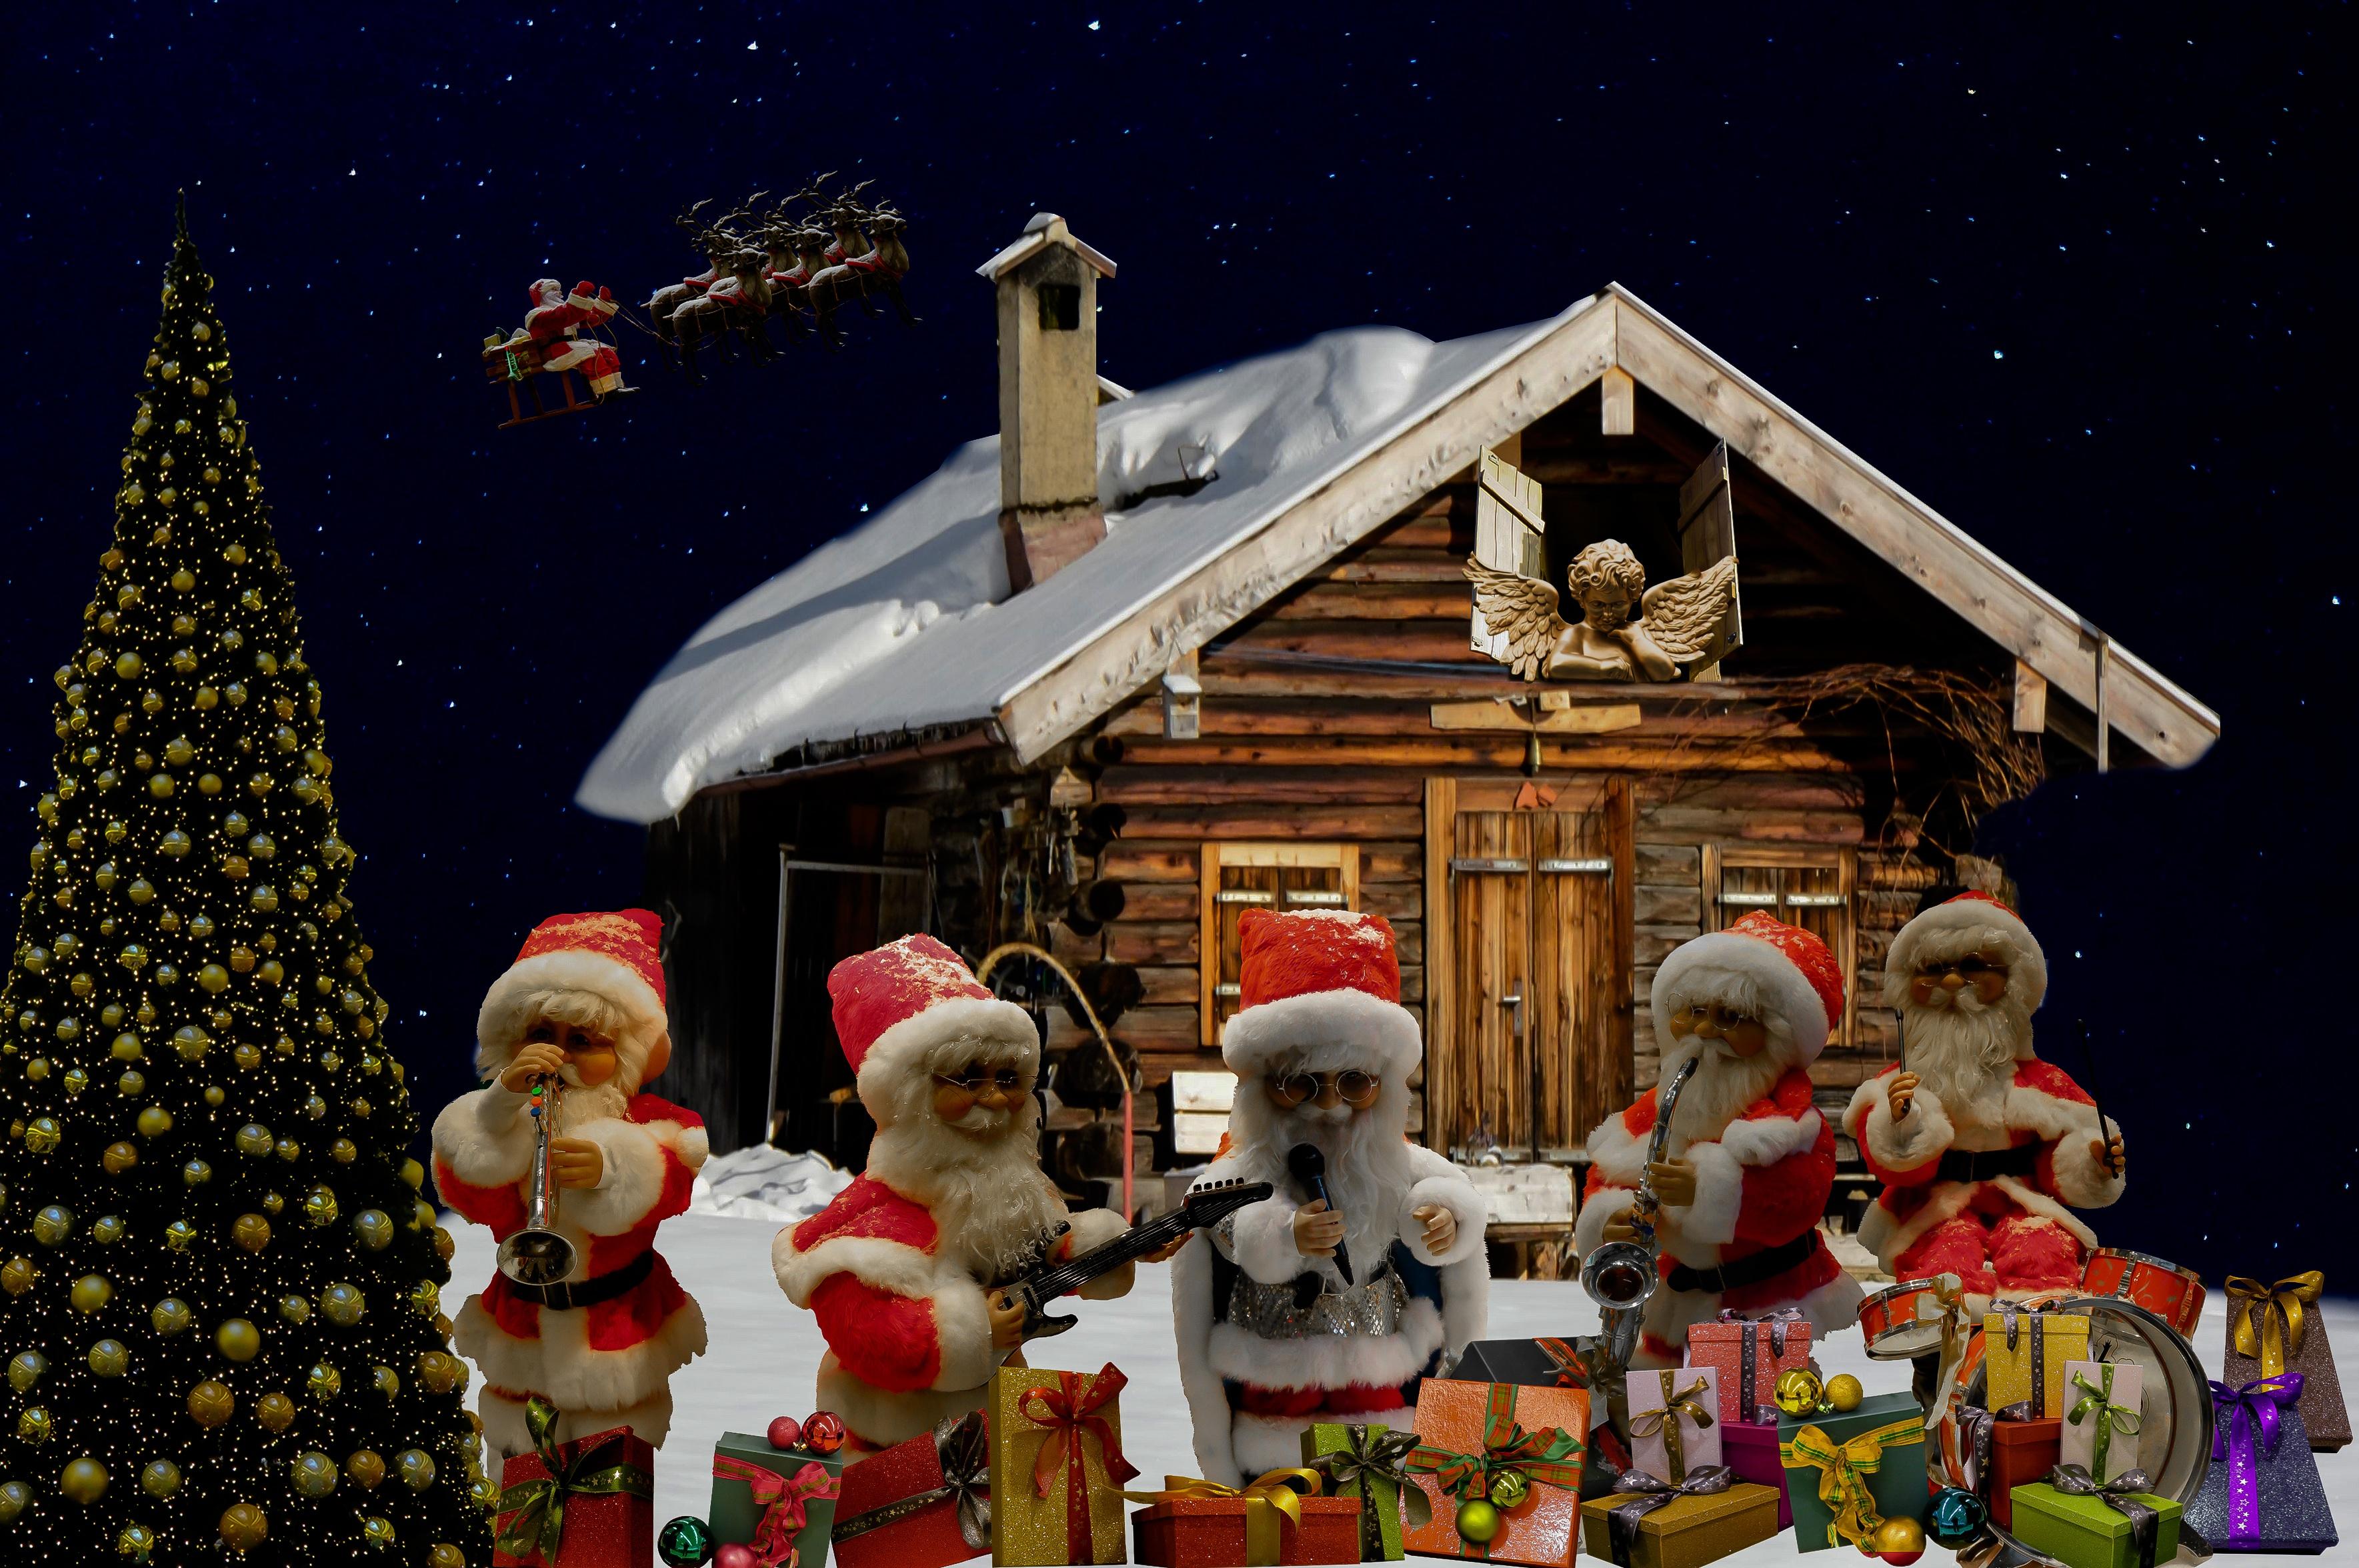 fotos gratis fiesta rbol de navidad decoracin navidea regalos tiempo de navidad gracioso pap noel nicholas tarjeta de navidad feliz navidad